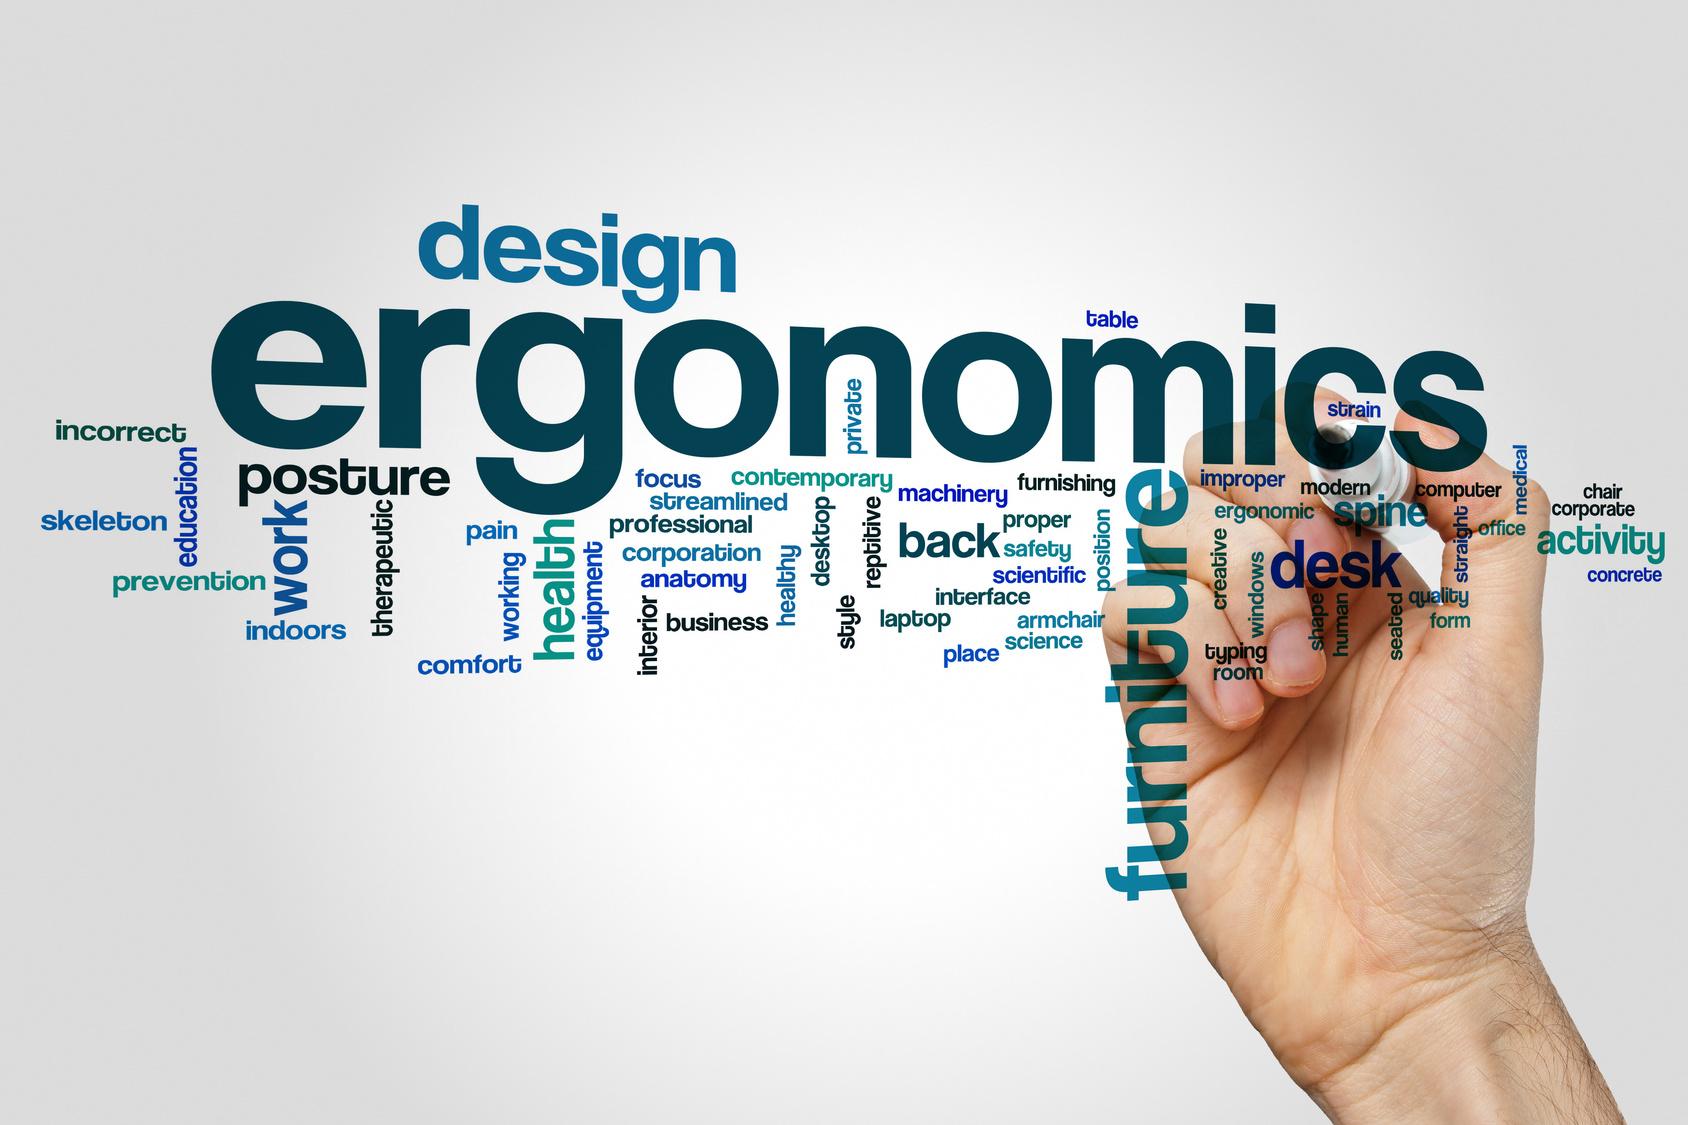 Design Ergonomics